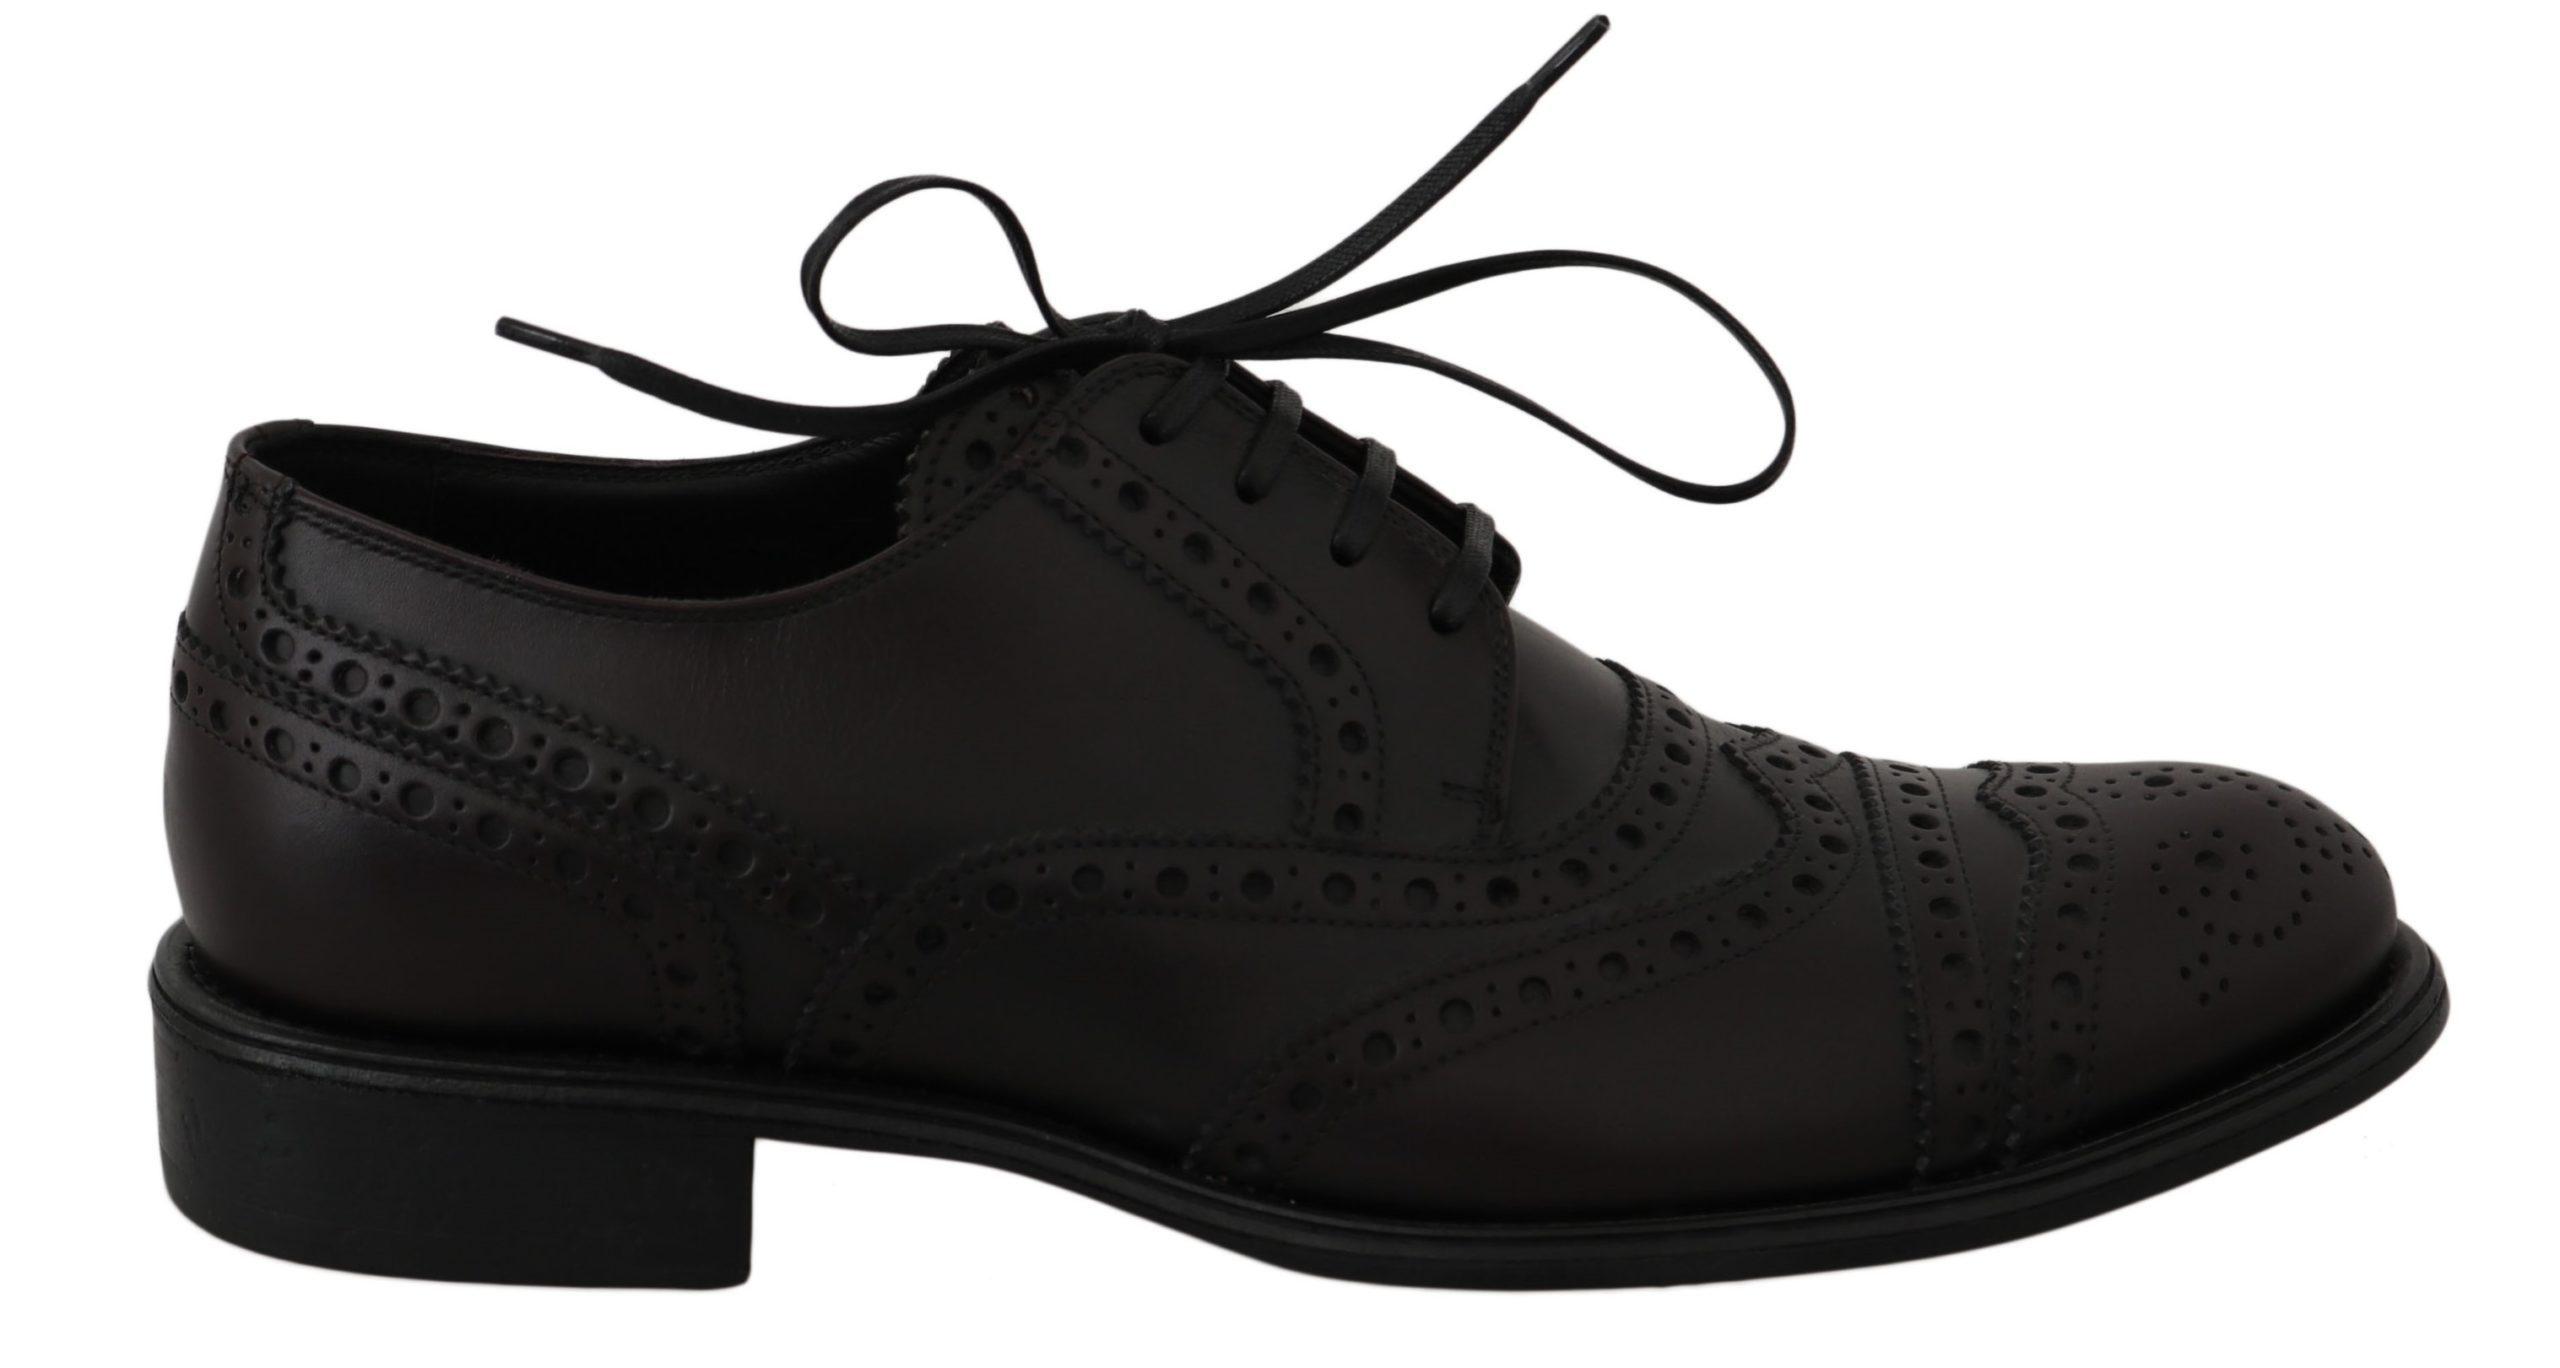 Dolce & Gabbana Men's Shoes Black MV2367 - EU39/US6